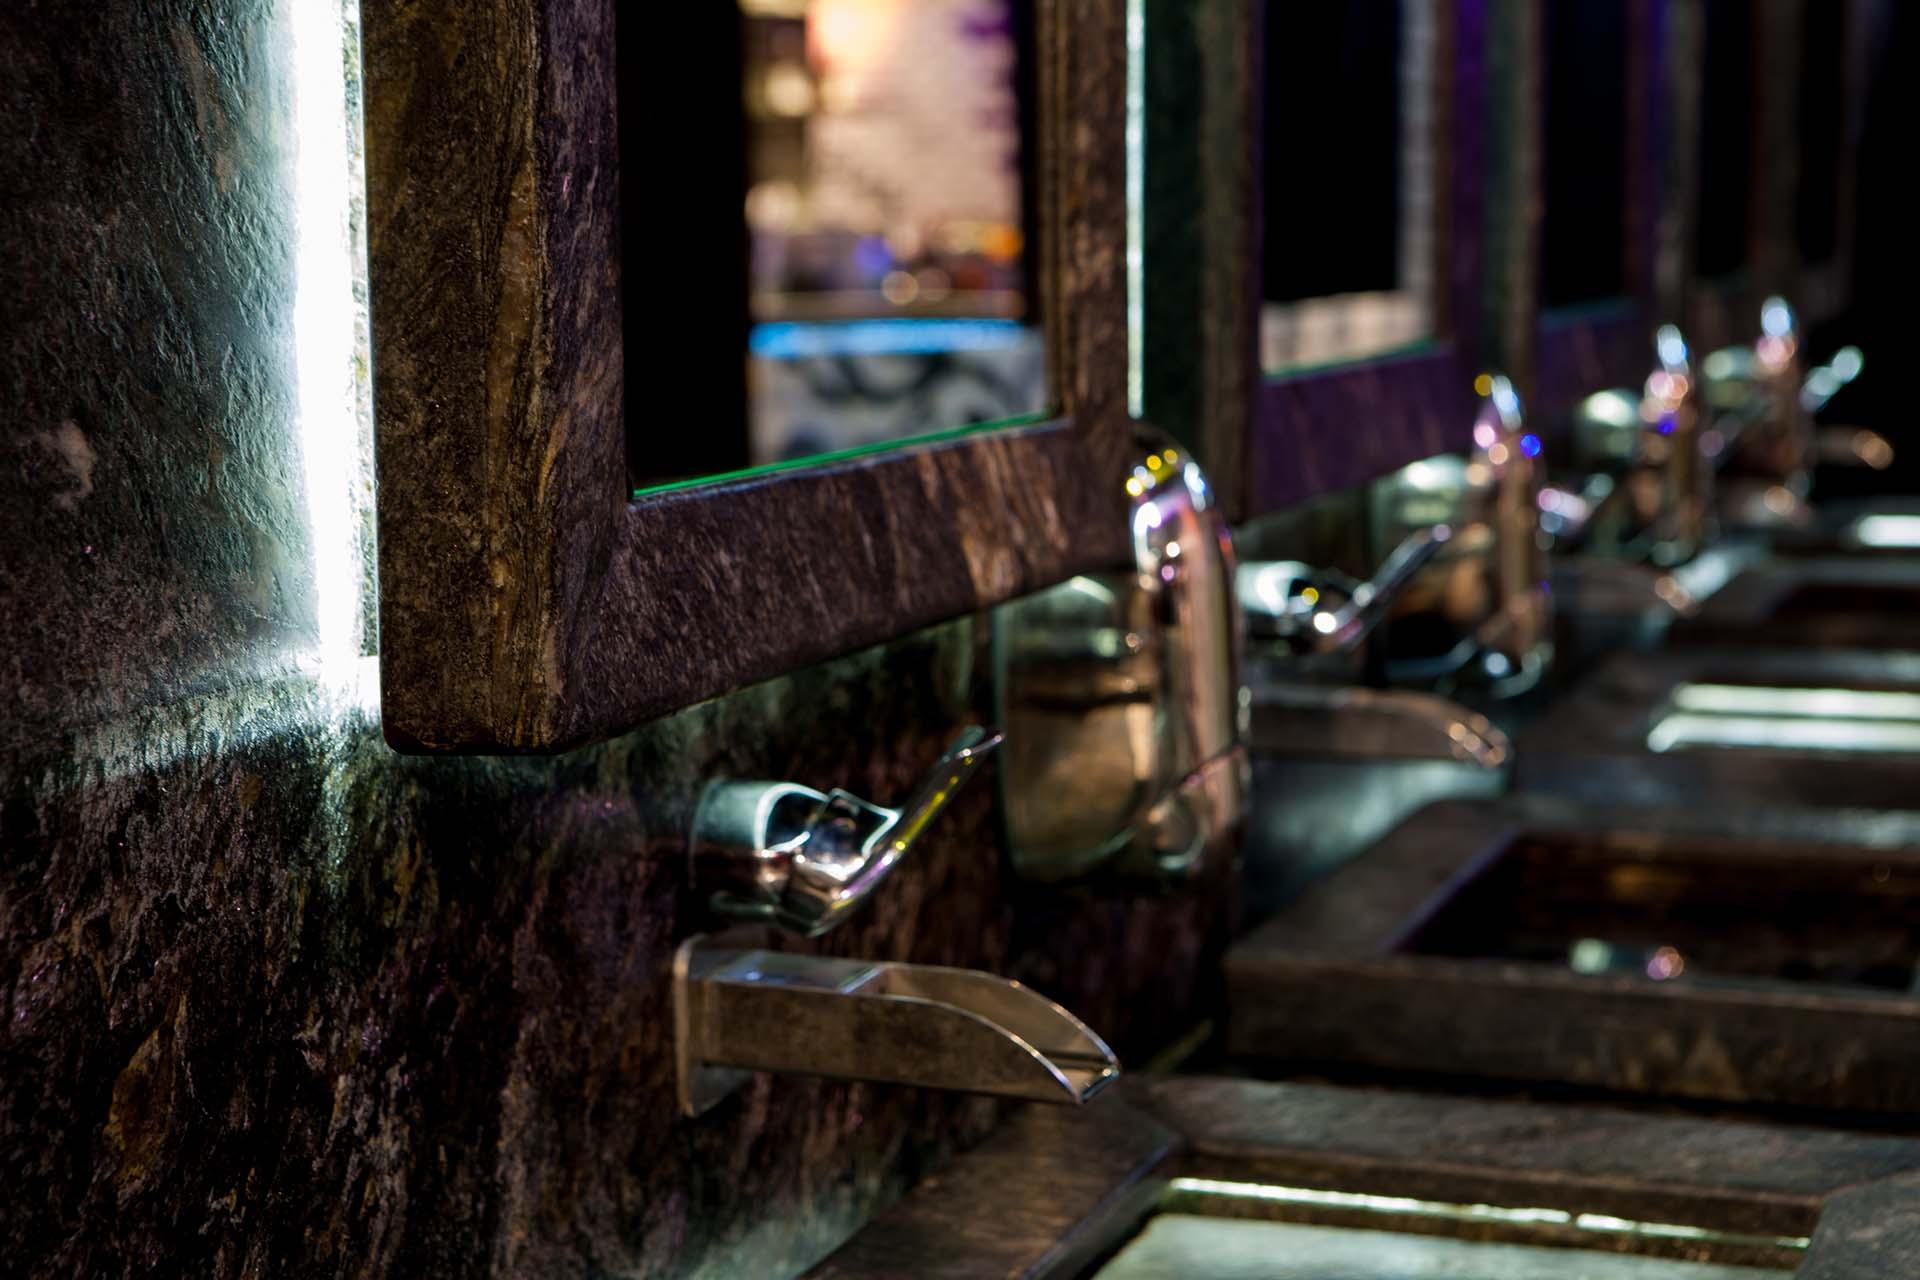 Умивалник на нощен клуб - полиран гранит и скрито осветление